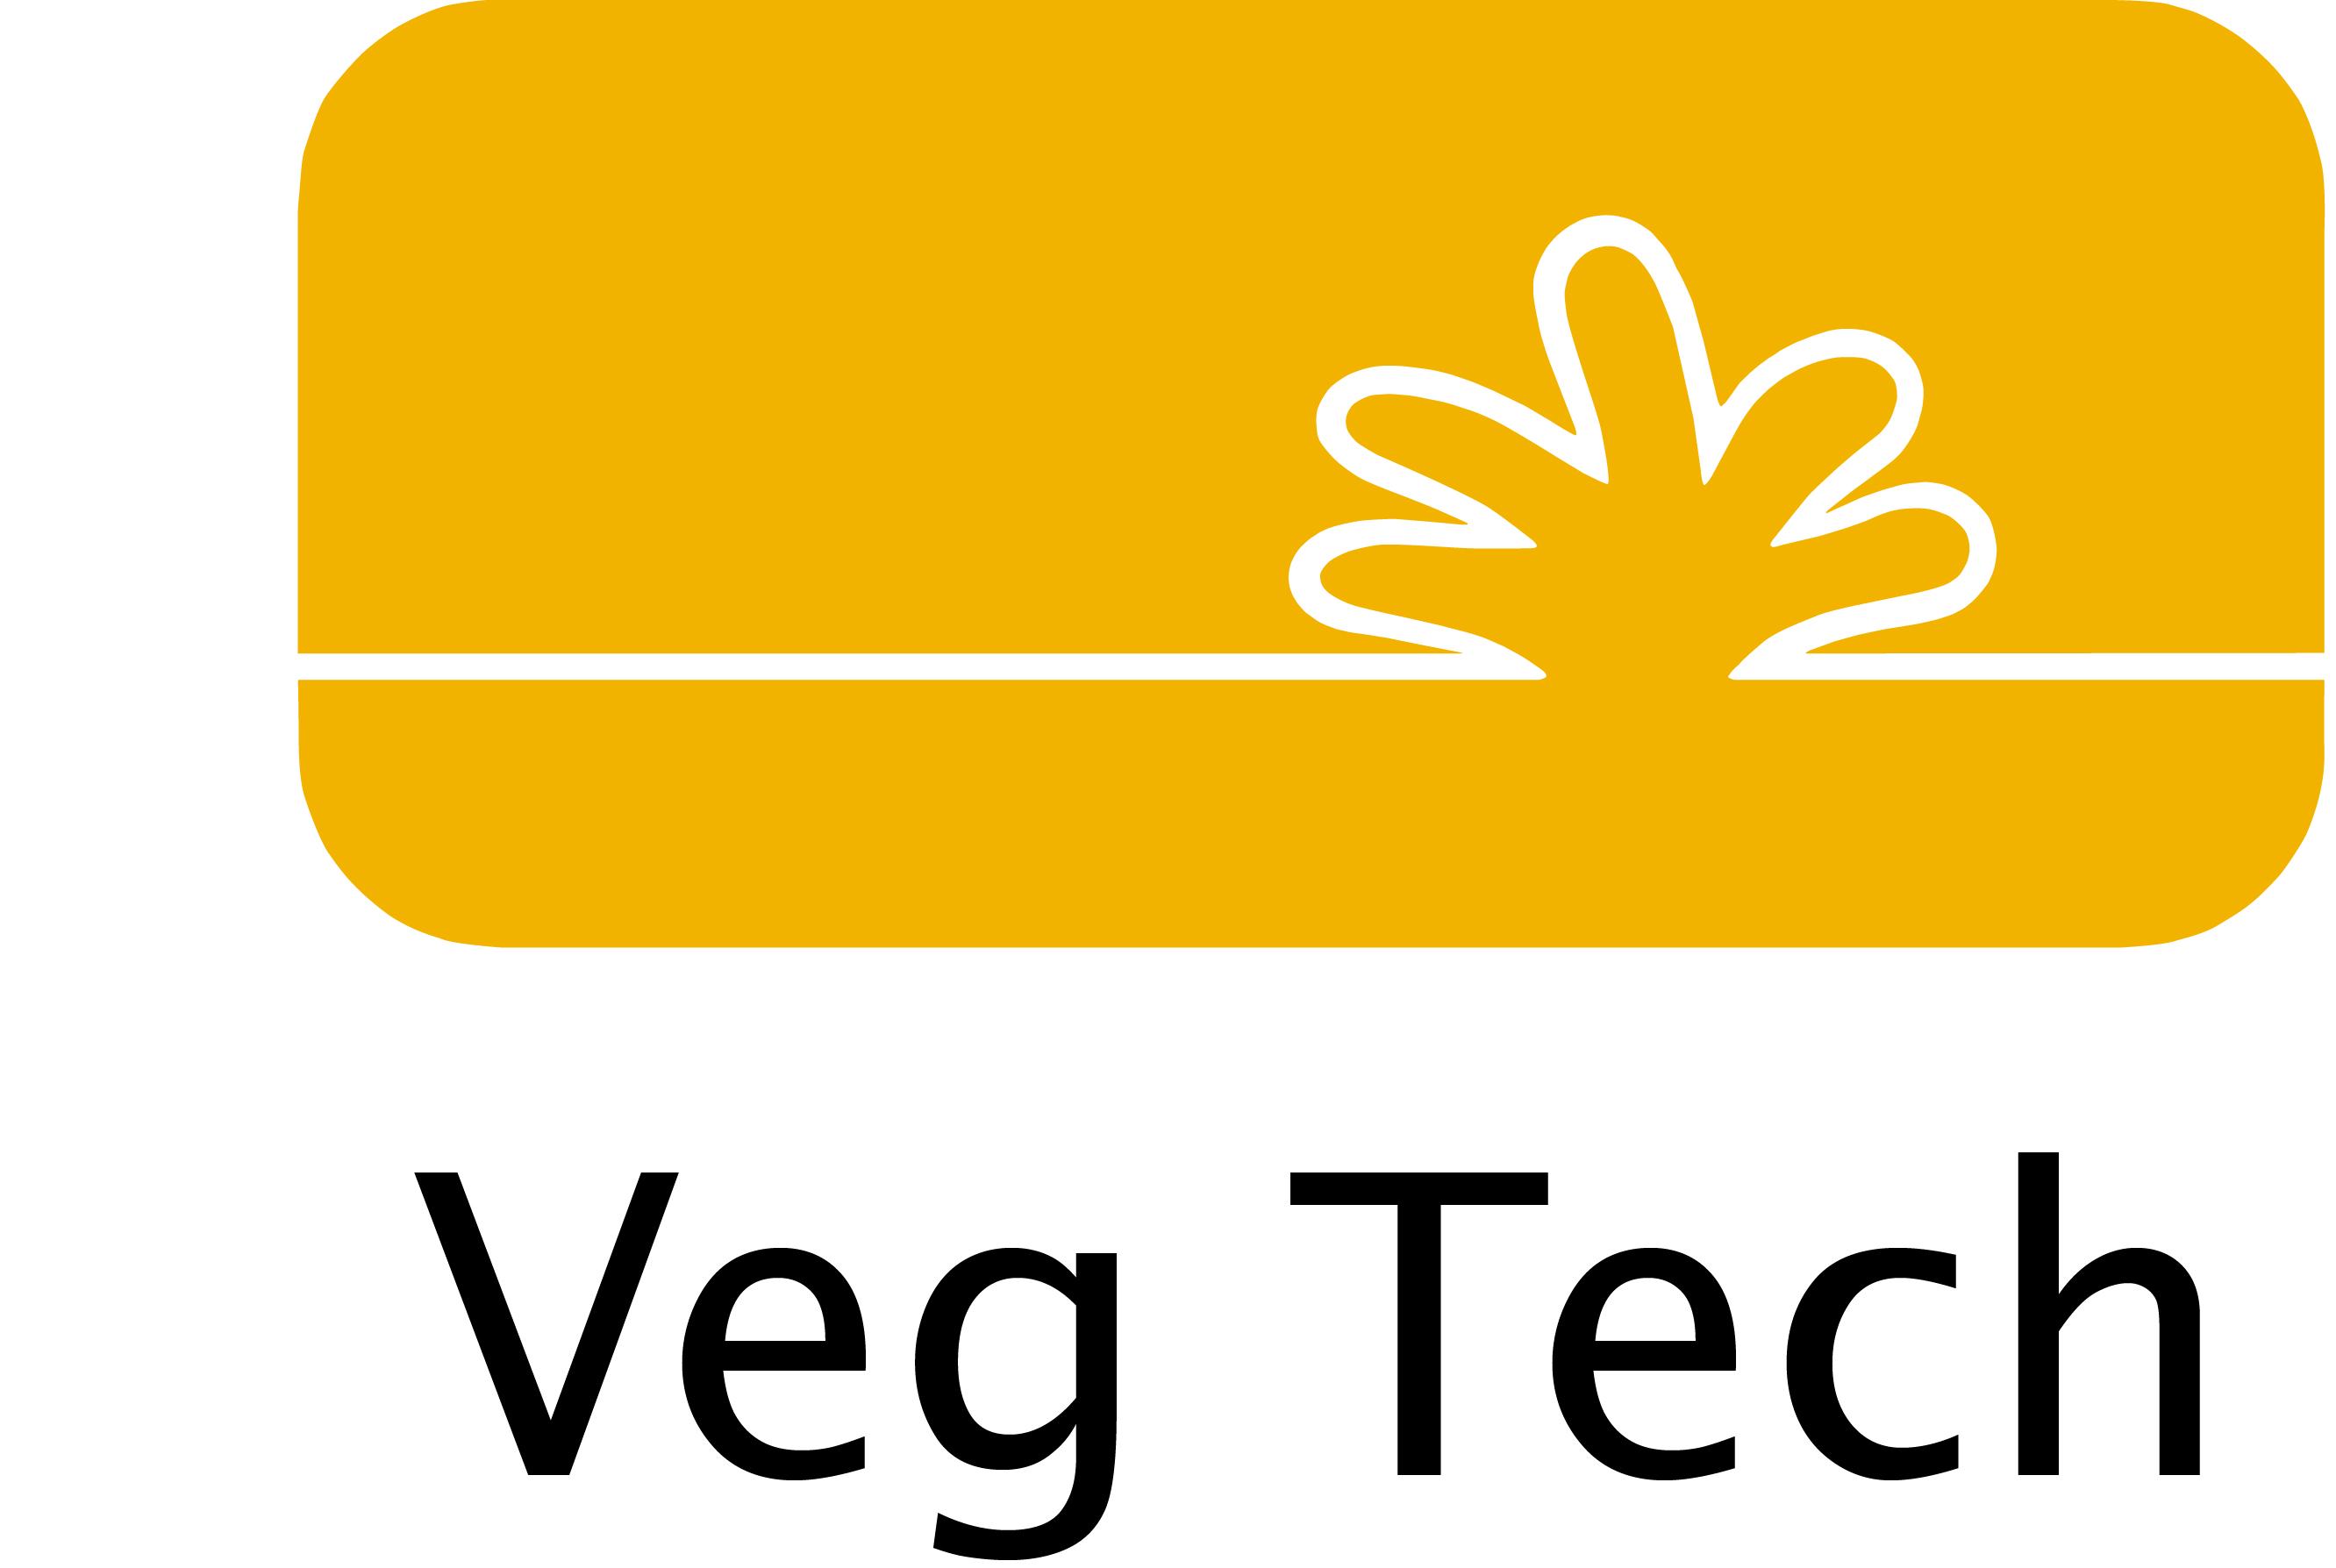 VegTech